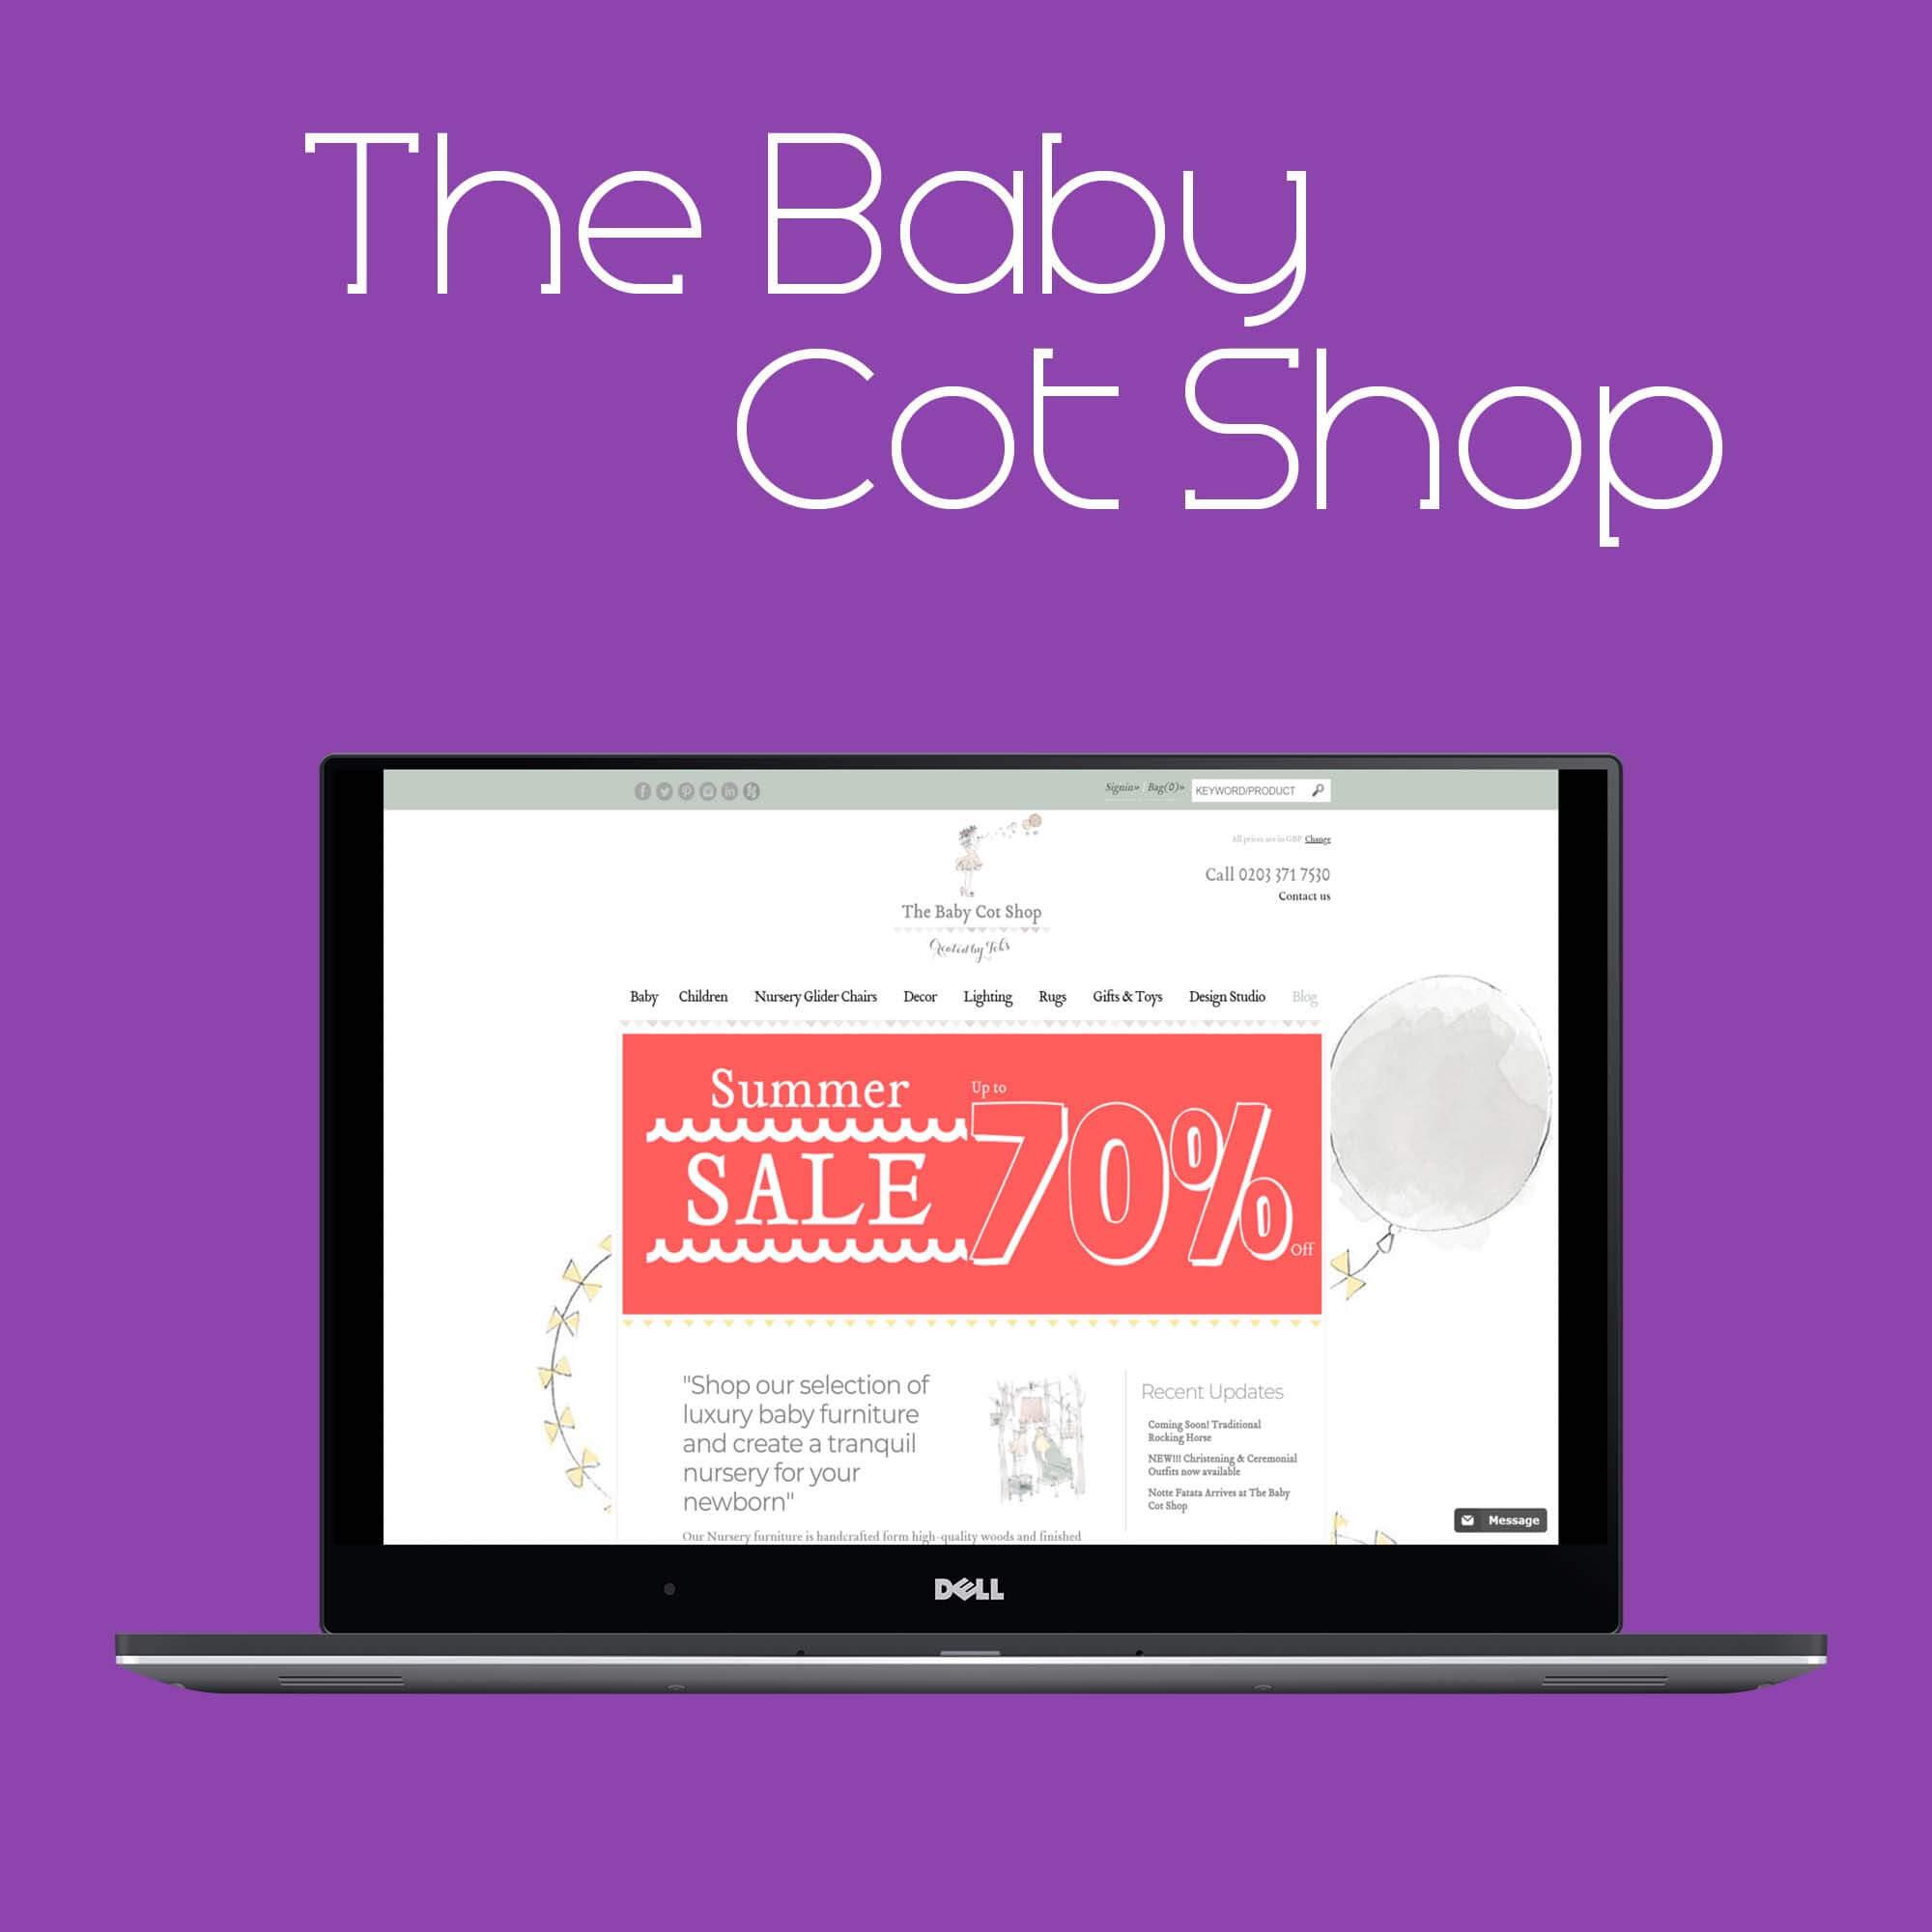 www.thebabycotshop